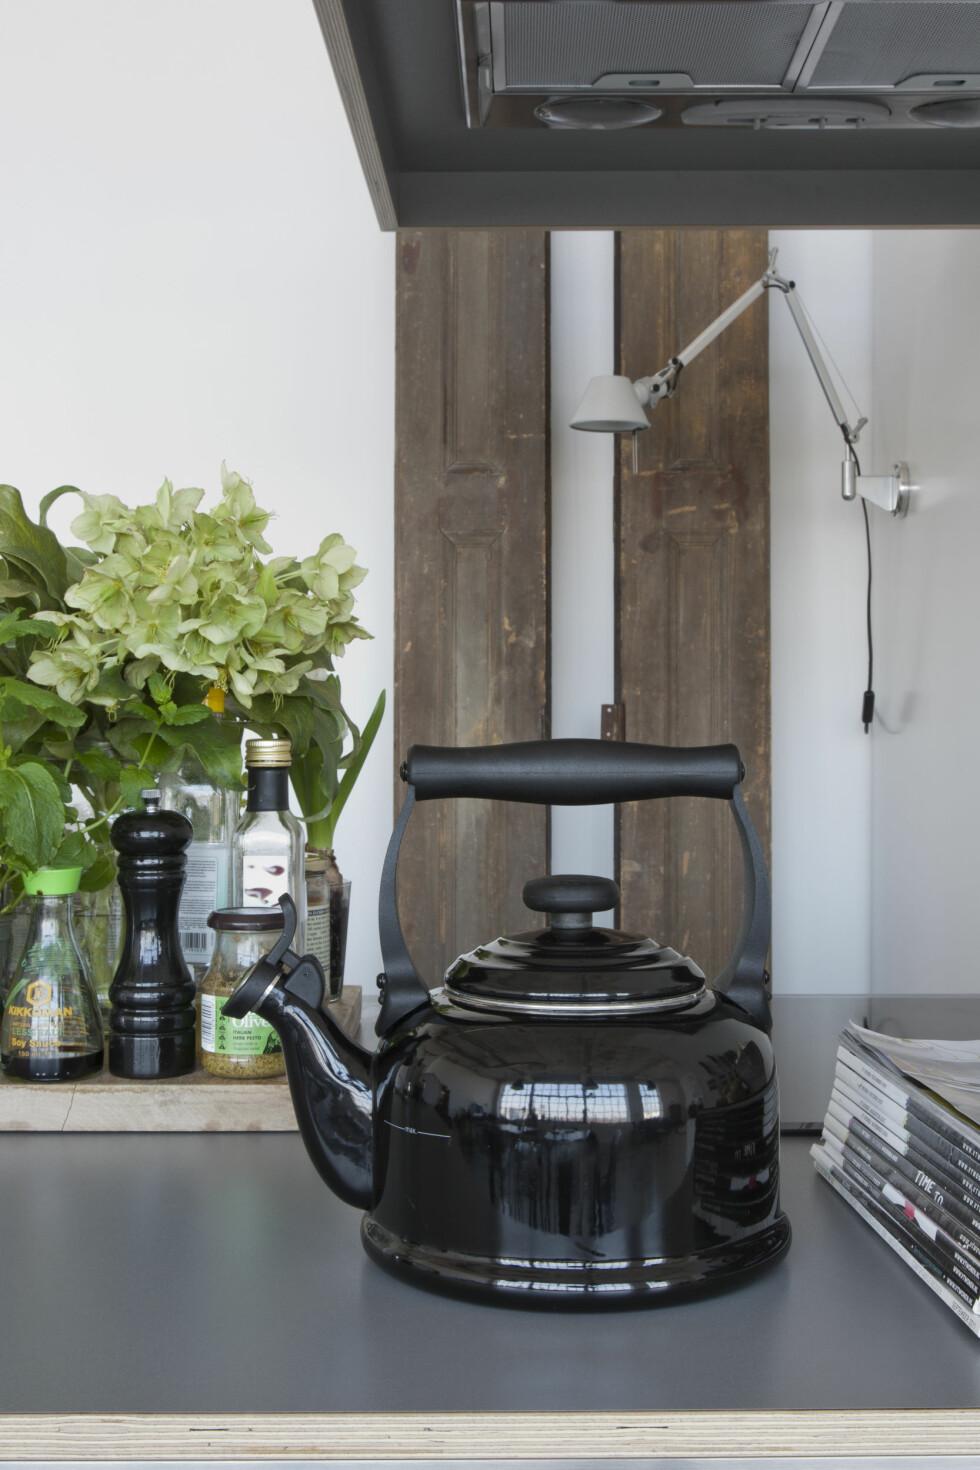 DETALJER PÅ KJØKKENET: Den svarte tekannen fra Le Creuset passer perfekt inn på kjøkkenbenken. Foto: Raul Candales Franch/IDECORimages.com